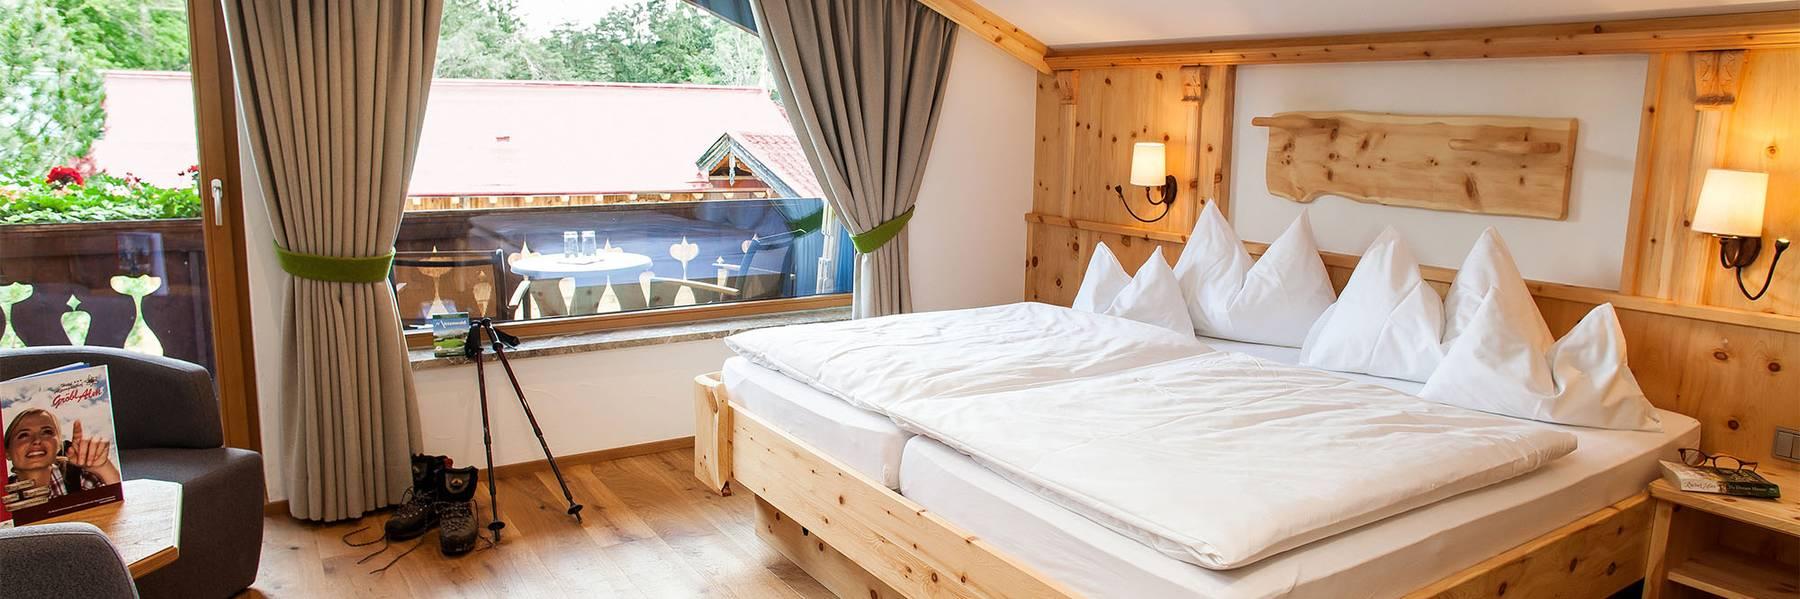 Zimmer im Alpengasthof Gröbl-Alm Mittenwald